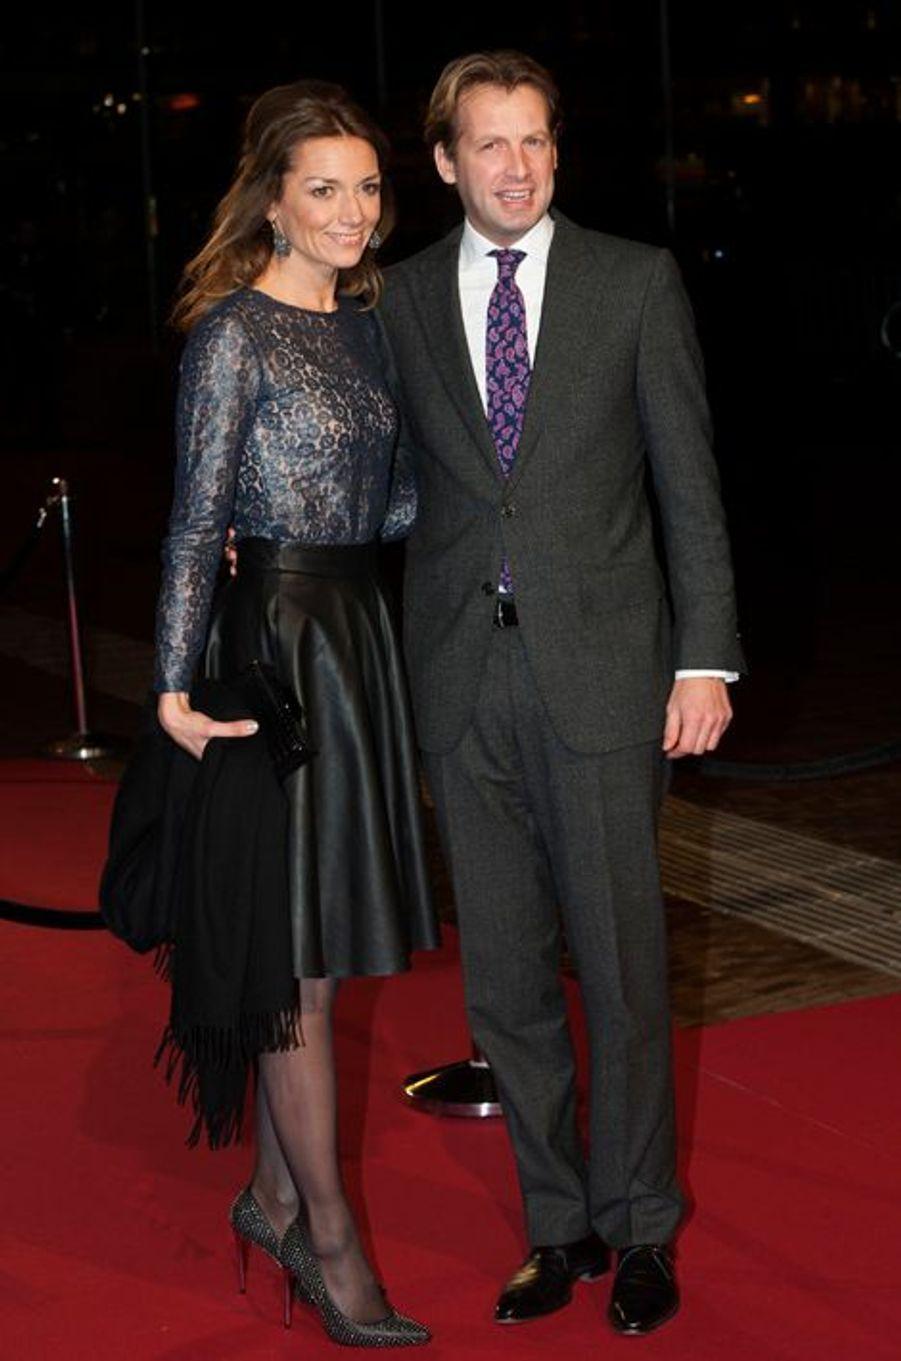 La princesse Aimée et le prince Floris au théâtre Beatrix d'Utrecht, le 8 décembre 2014